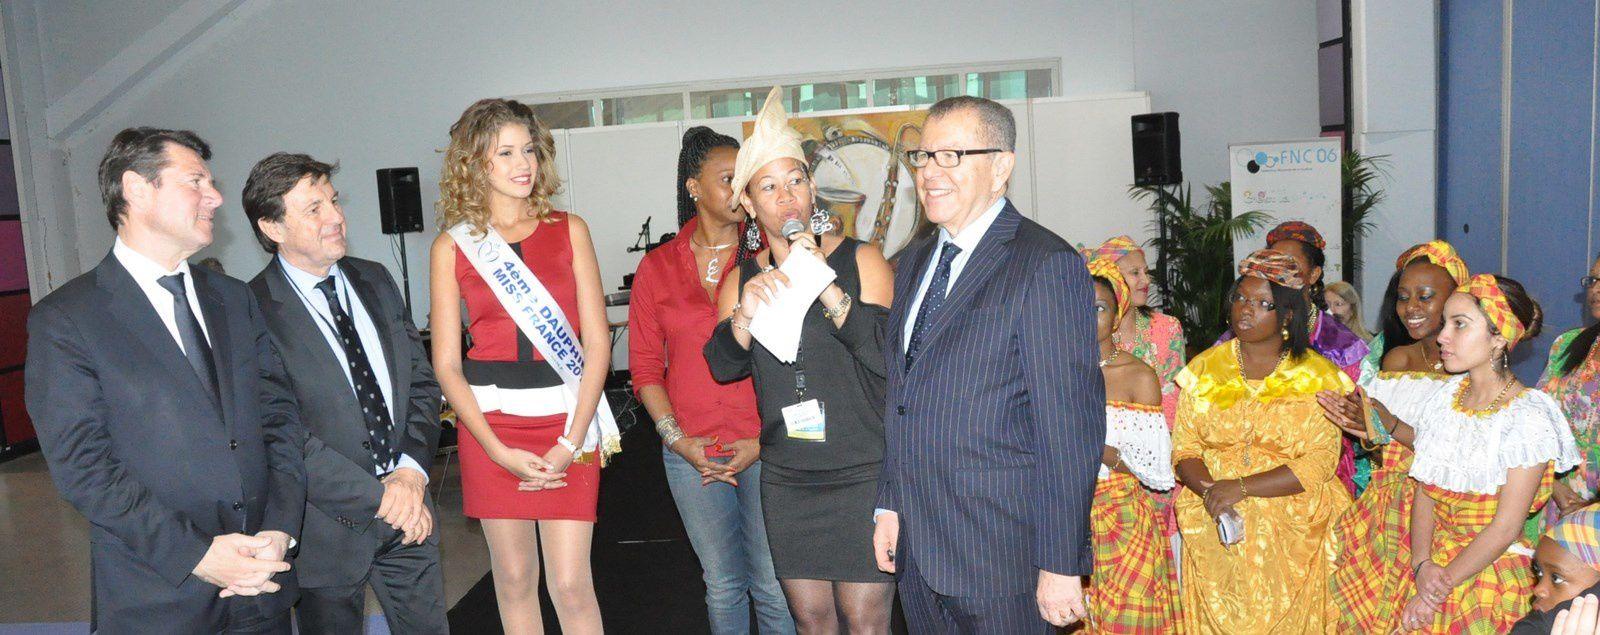 La Foire Internationale de Nice : 70 ans, toujours jeune ! Du 8 au 17 mars 2014